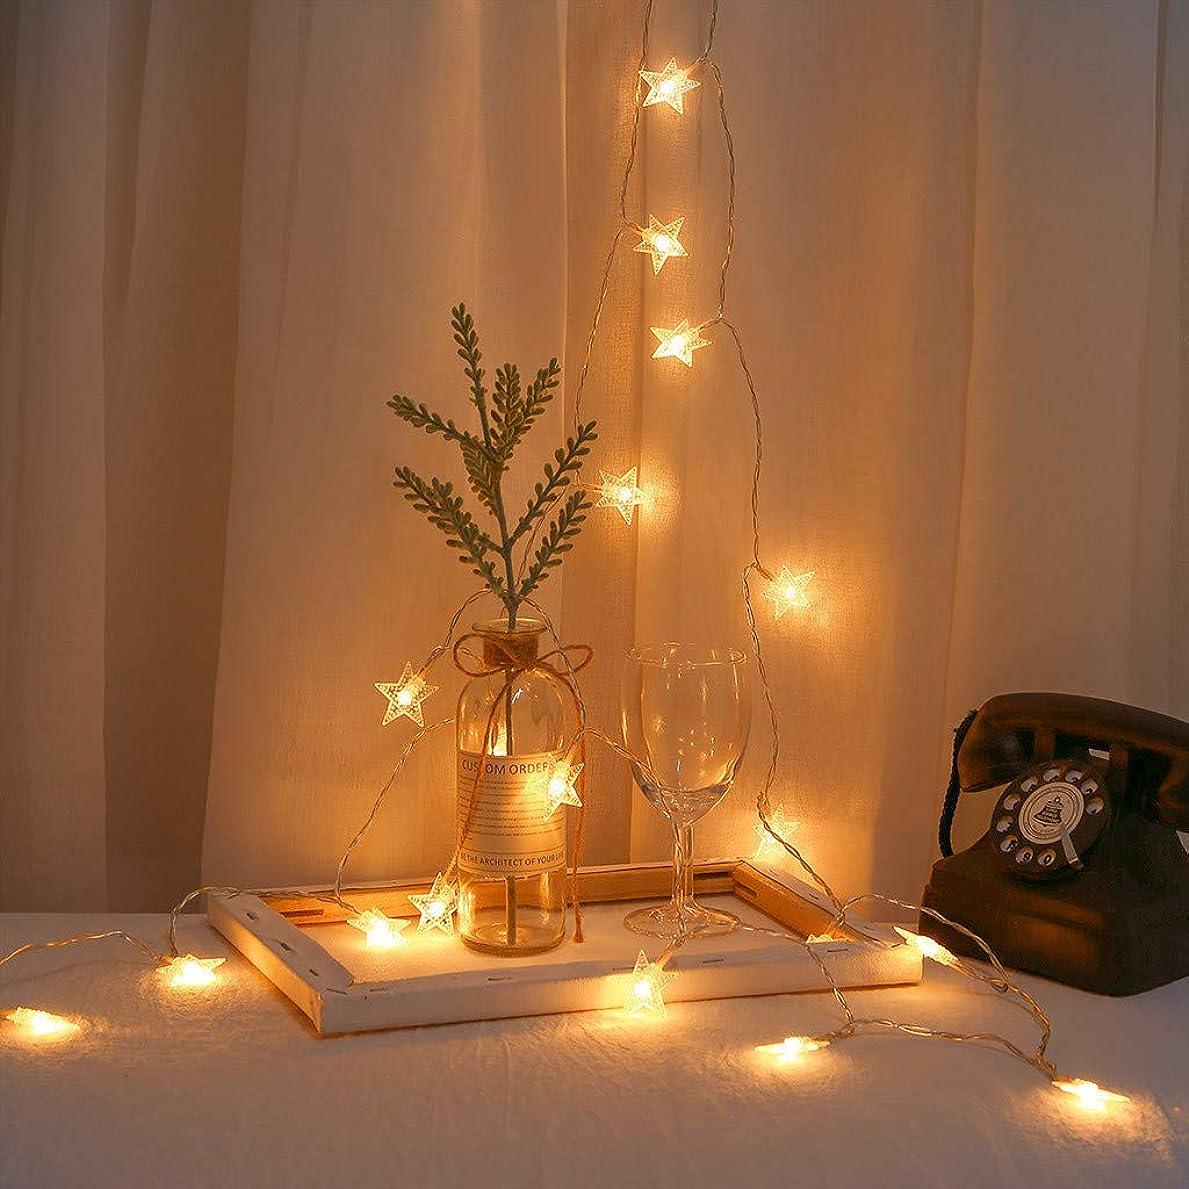 裏切り者線円形家の装飾ライト 家の照明 クリスマスの日USBランタン五ta星形の装飾的なライトストリングガーデン 休日の照明 LEDライトストリング 装飾的なライトストリング 祭りのために20LED (暖かい白)